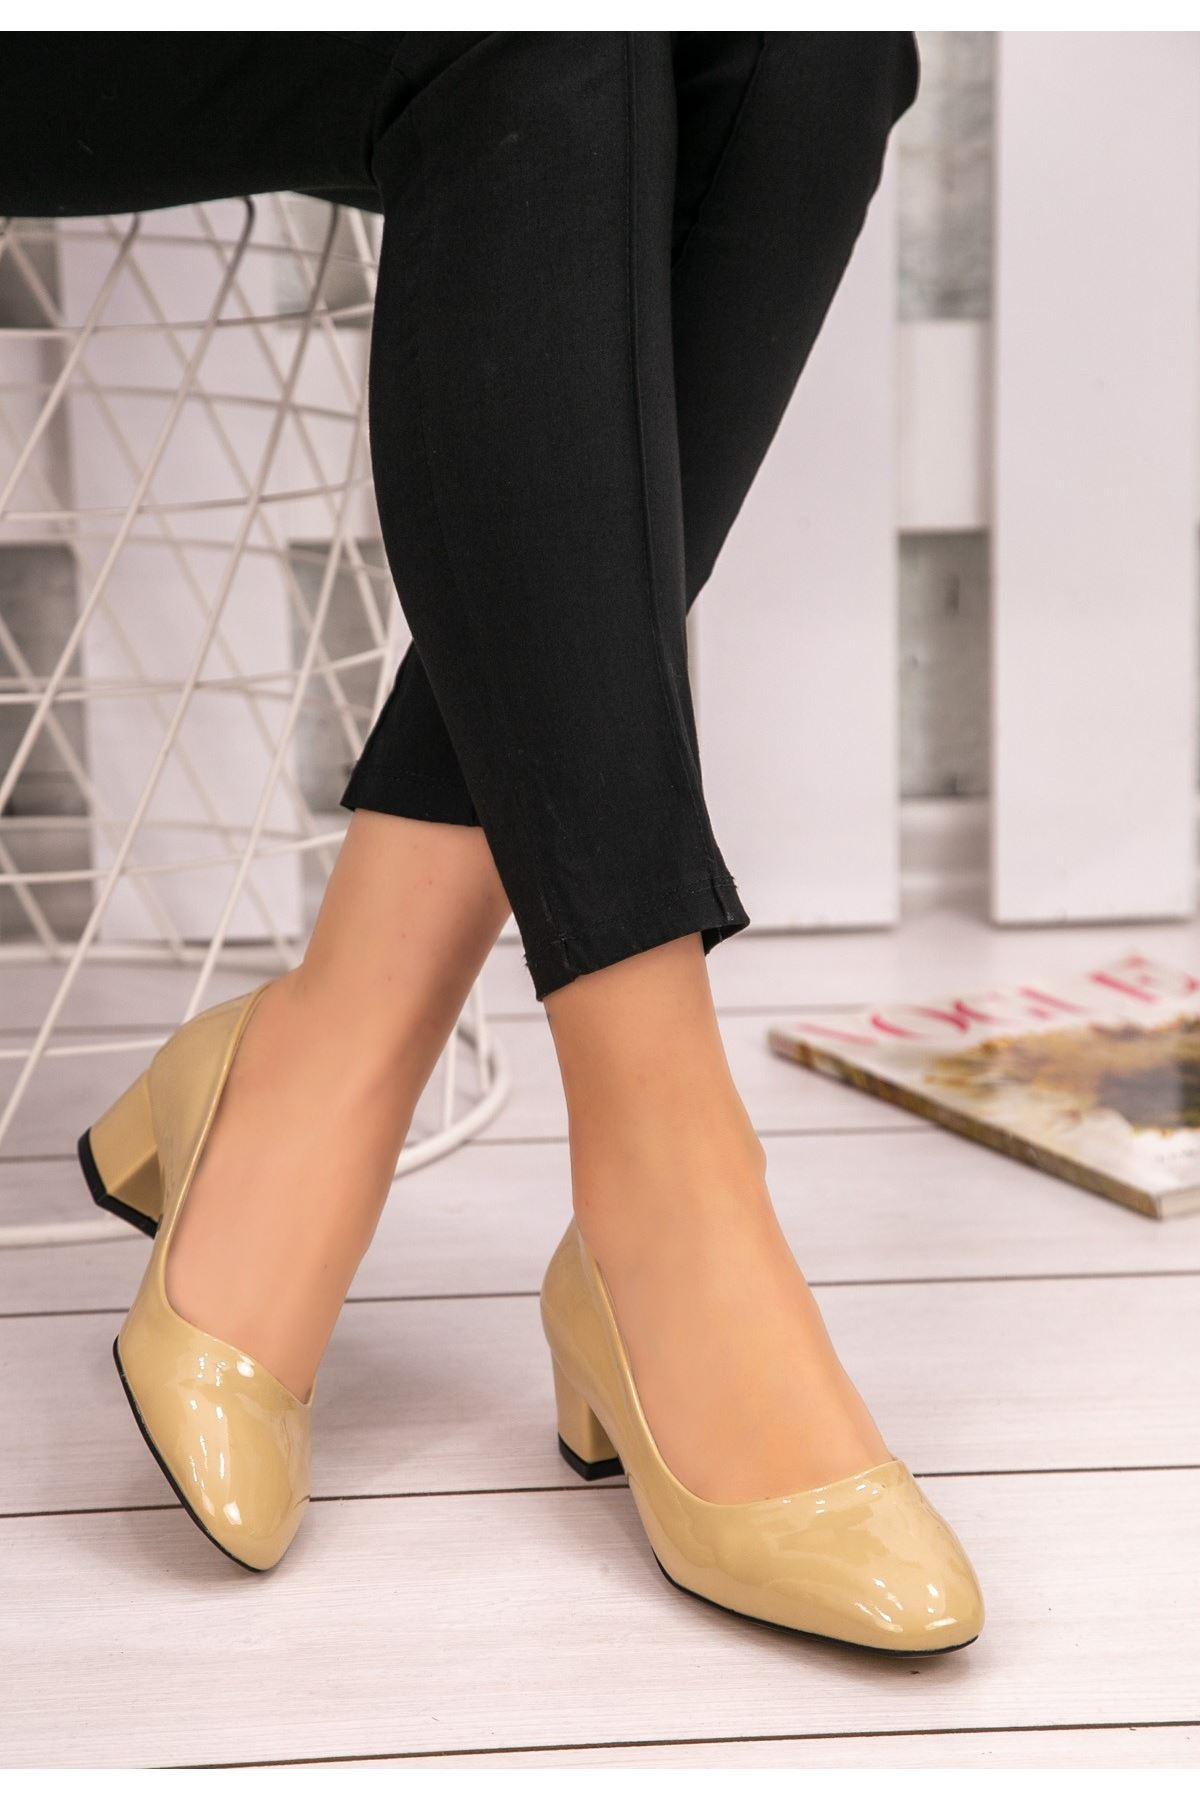 Fior Krem Rugan Topuklu Ayakkabı